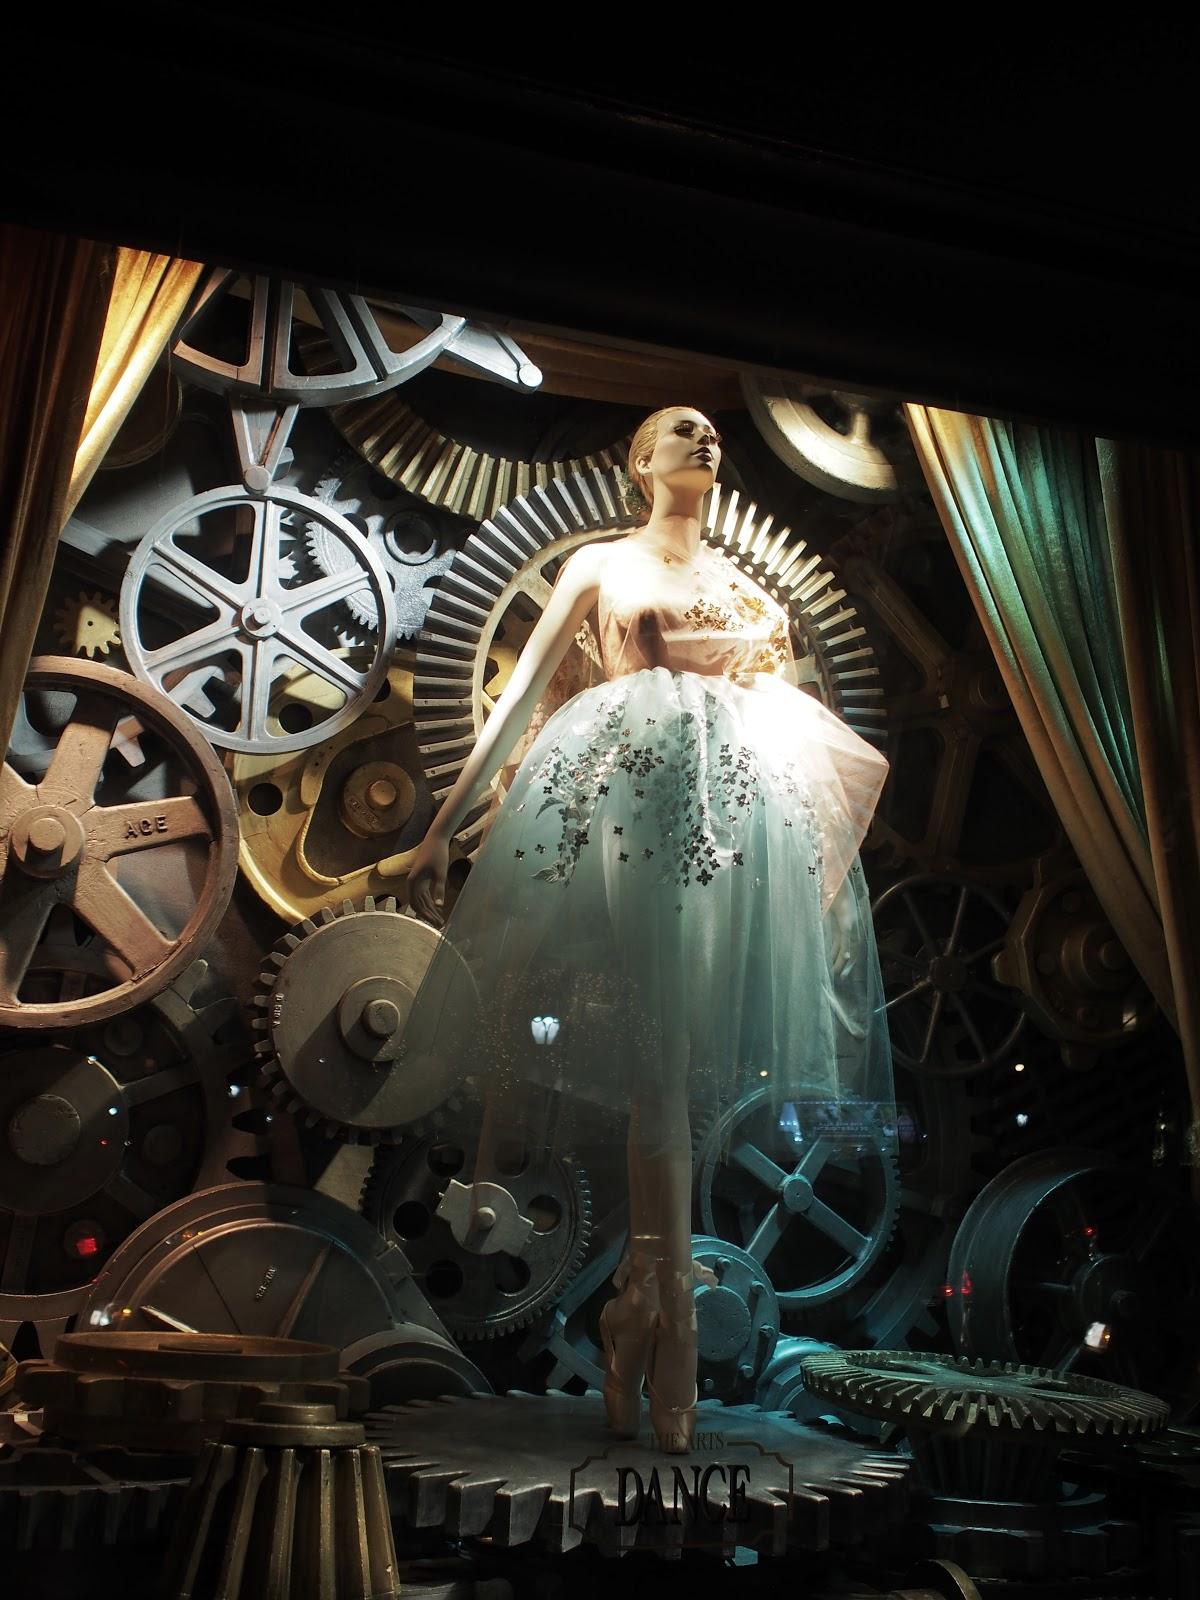 Midnight en Pointe #MidnightenPointe #bgwindows #5thavenuewindows #holidaysinNYC #besttimeoftheyear ©2014 Nancy Lundebjerg